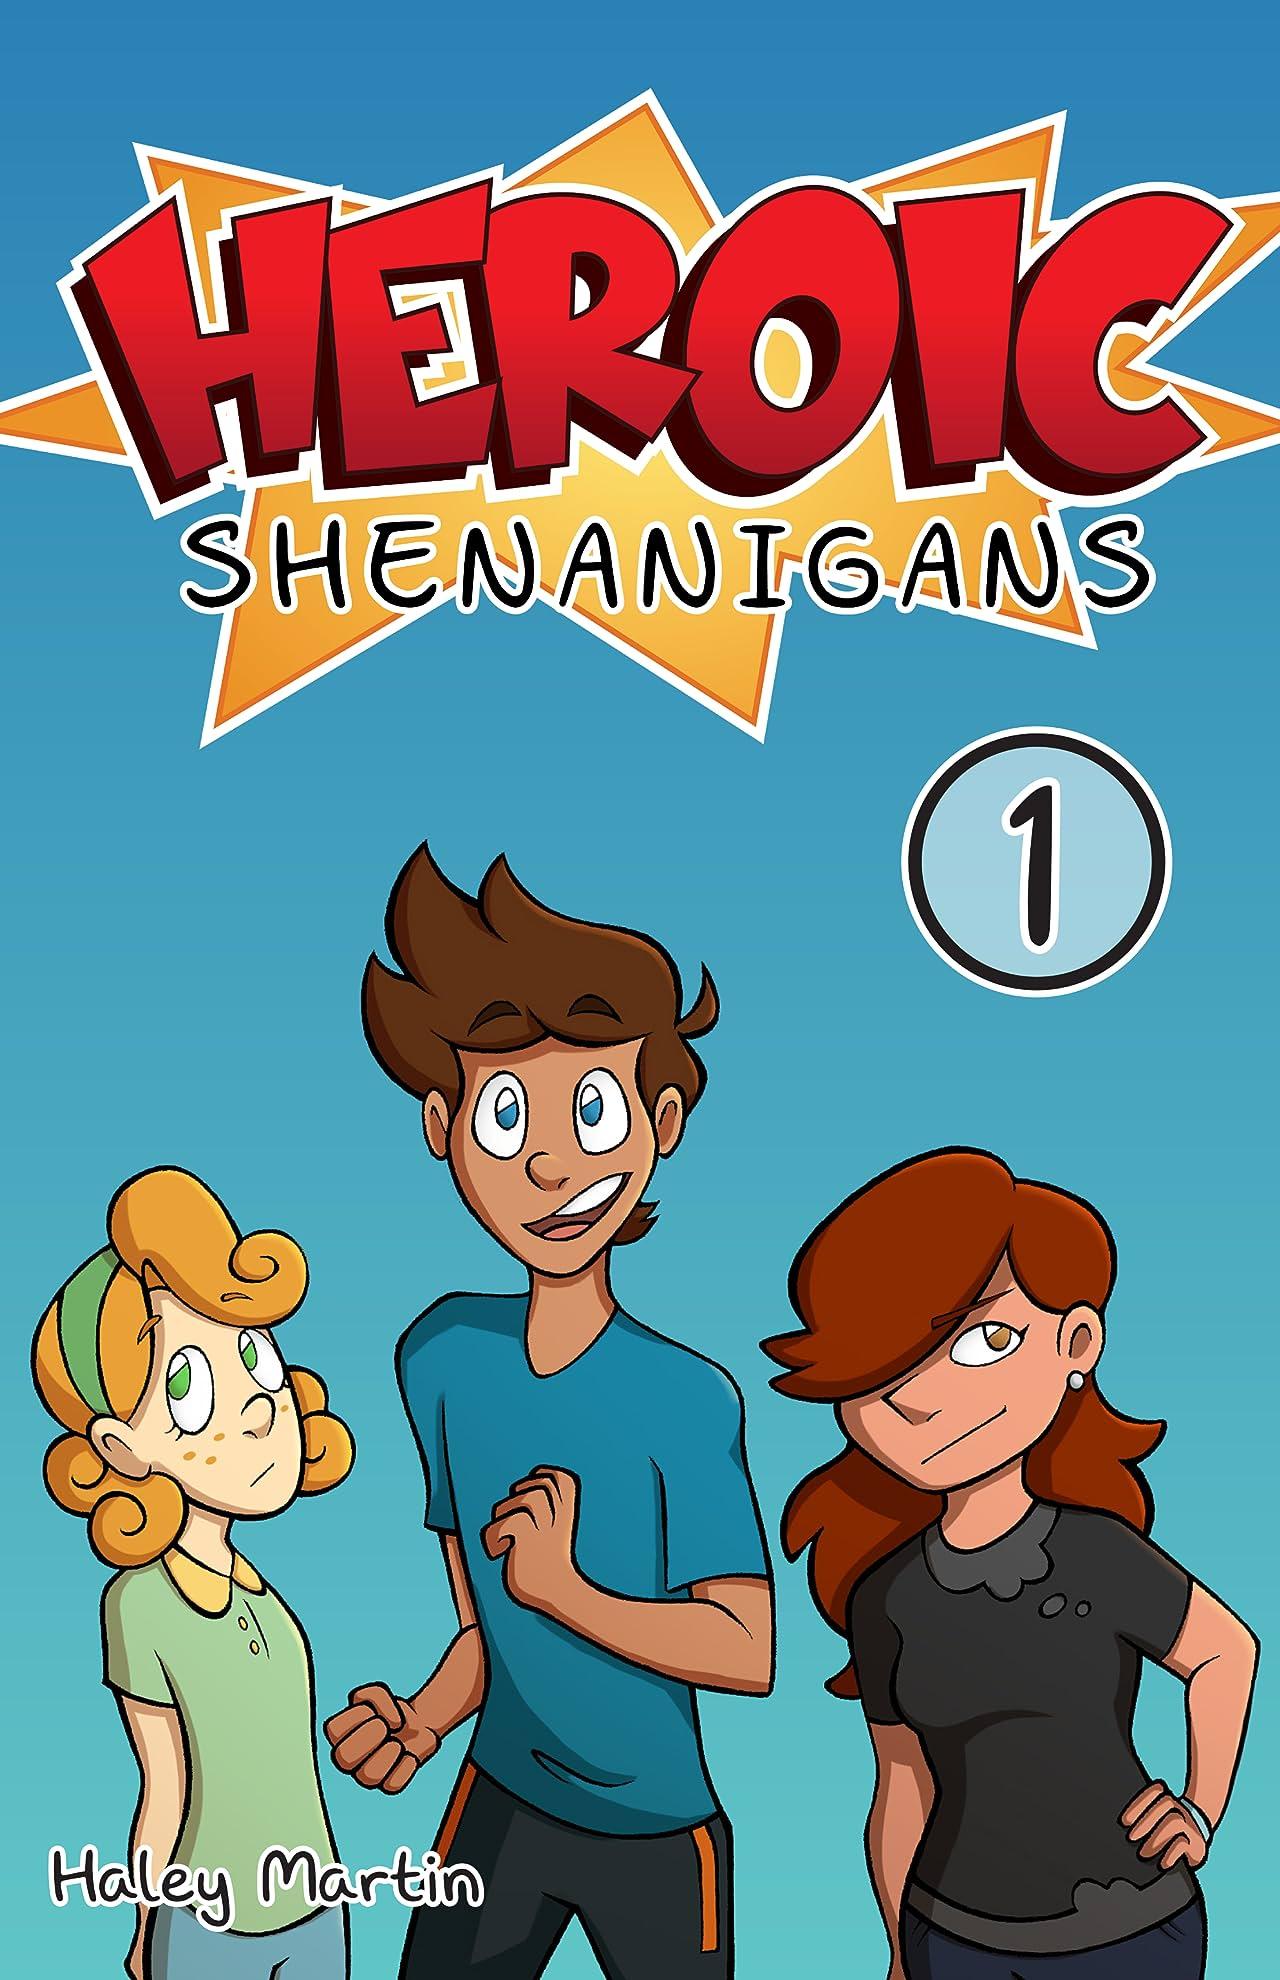 Heroic Shenanigans #1